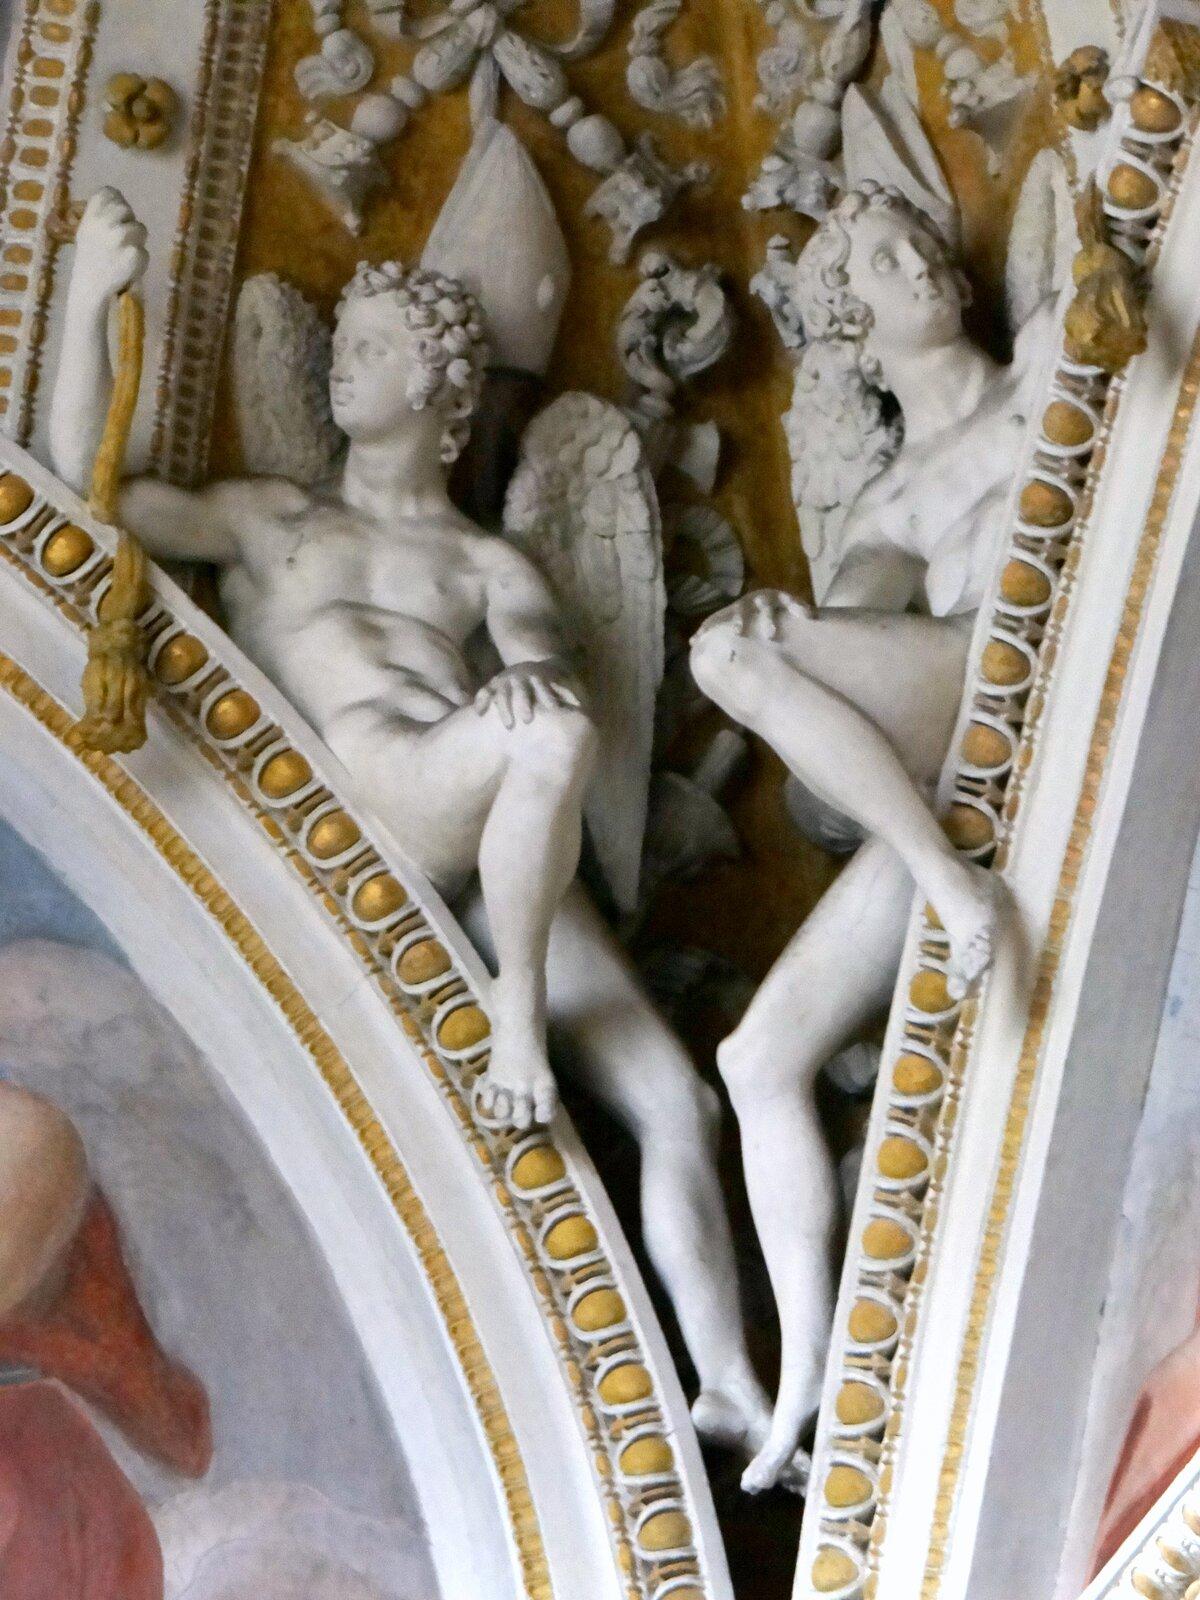 Ilustracja przedstawia detal rzeźbiarski zkaplicy Theodoli wbazylice Santa Maria del Popolo autorstwa Giulio Mazzoni. Na zdjęciu znajdują się dwie rzeźby siedzących nagich aniołów. Postacie wpisane są warchitekturę sklepienia. Umieszczono je na styku zdobionych żółtym ornamentem wolich oczu łuków. Nogi rzeźb lekko wystają poza ich krawędzie. Głowy okalają drobne loczki włosów. Anioł po lewej stronie spogląda wlewo, natomiast anioł po prawej wprawo. Za postaciami, na żółto malowanym sklepieniu znajdują się drobne białe płaskorzeźby zmotywami roślinnymi iinsygniami władzy kościelnej.